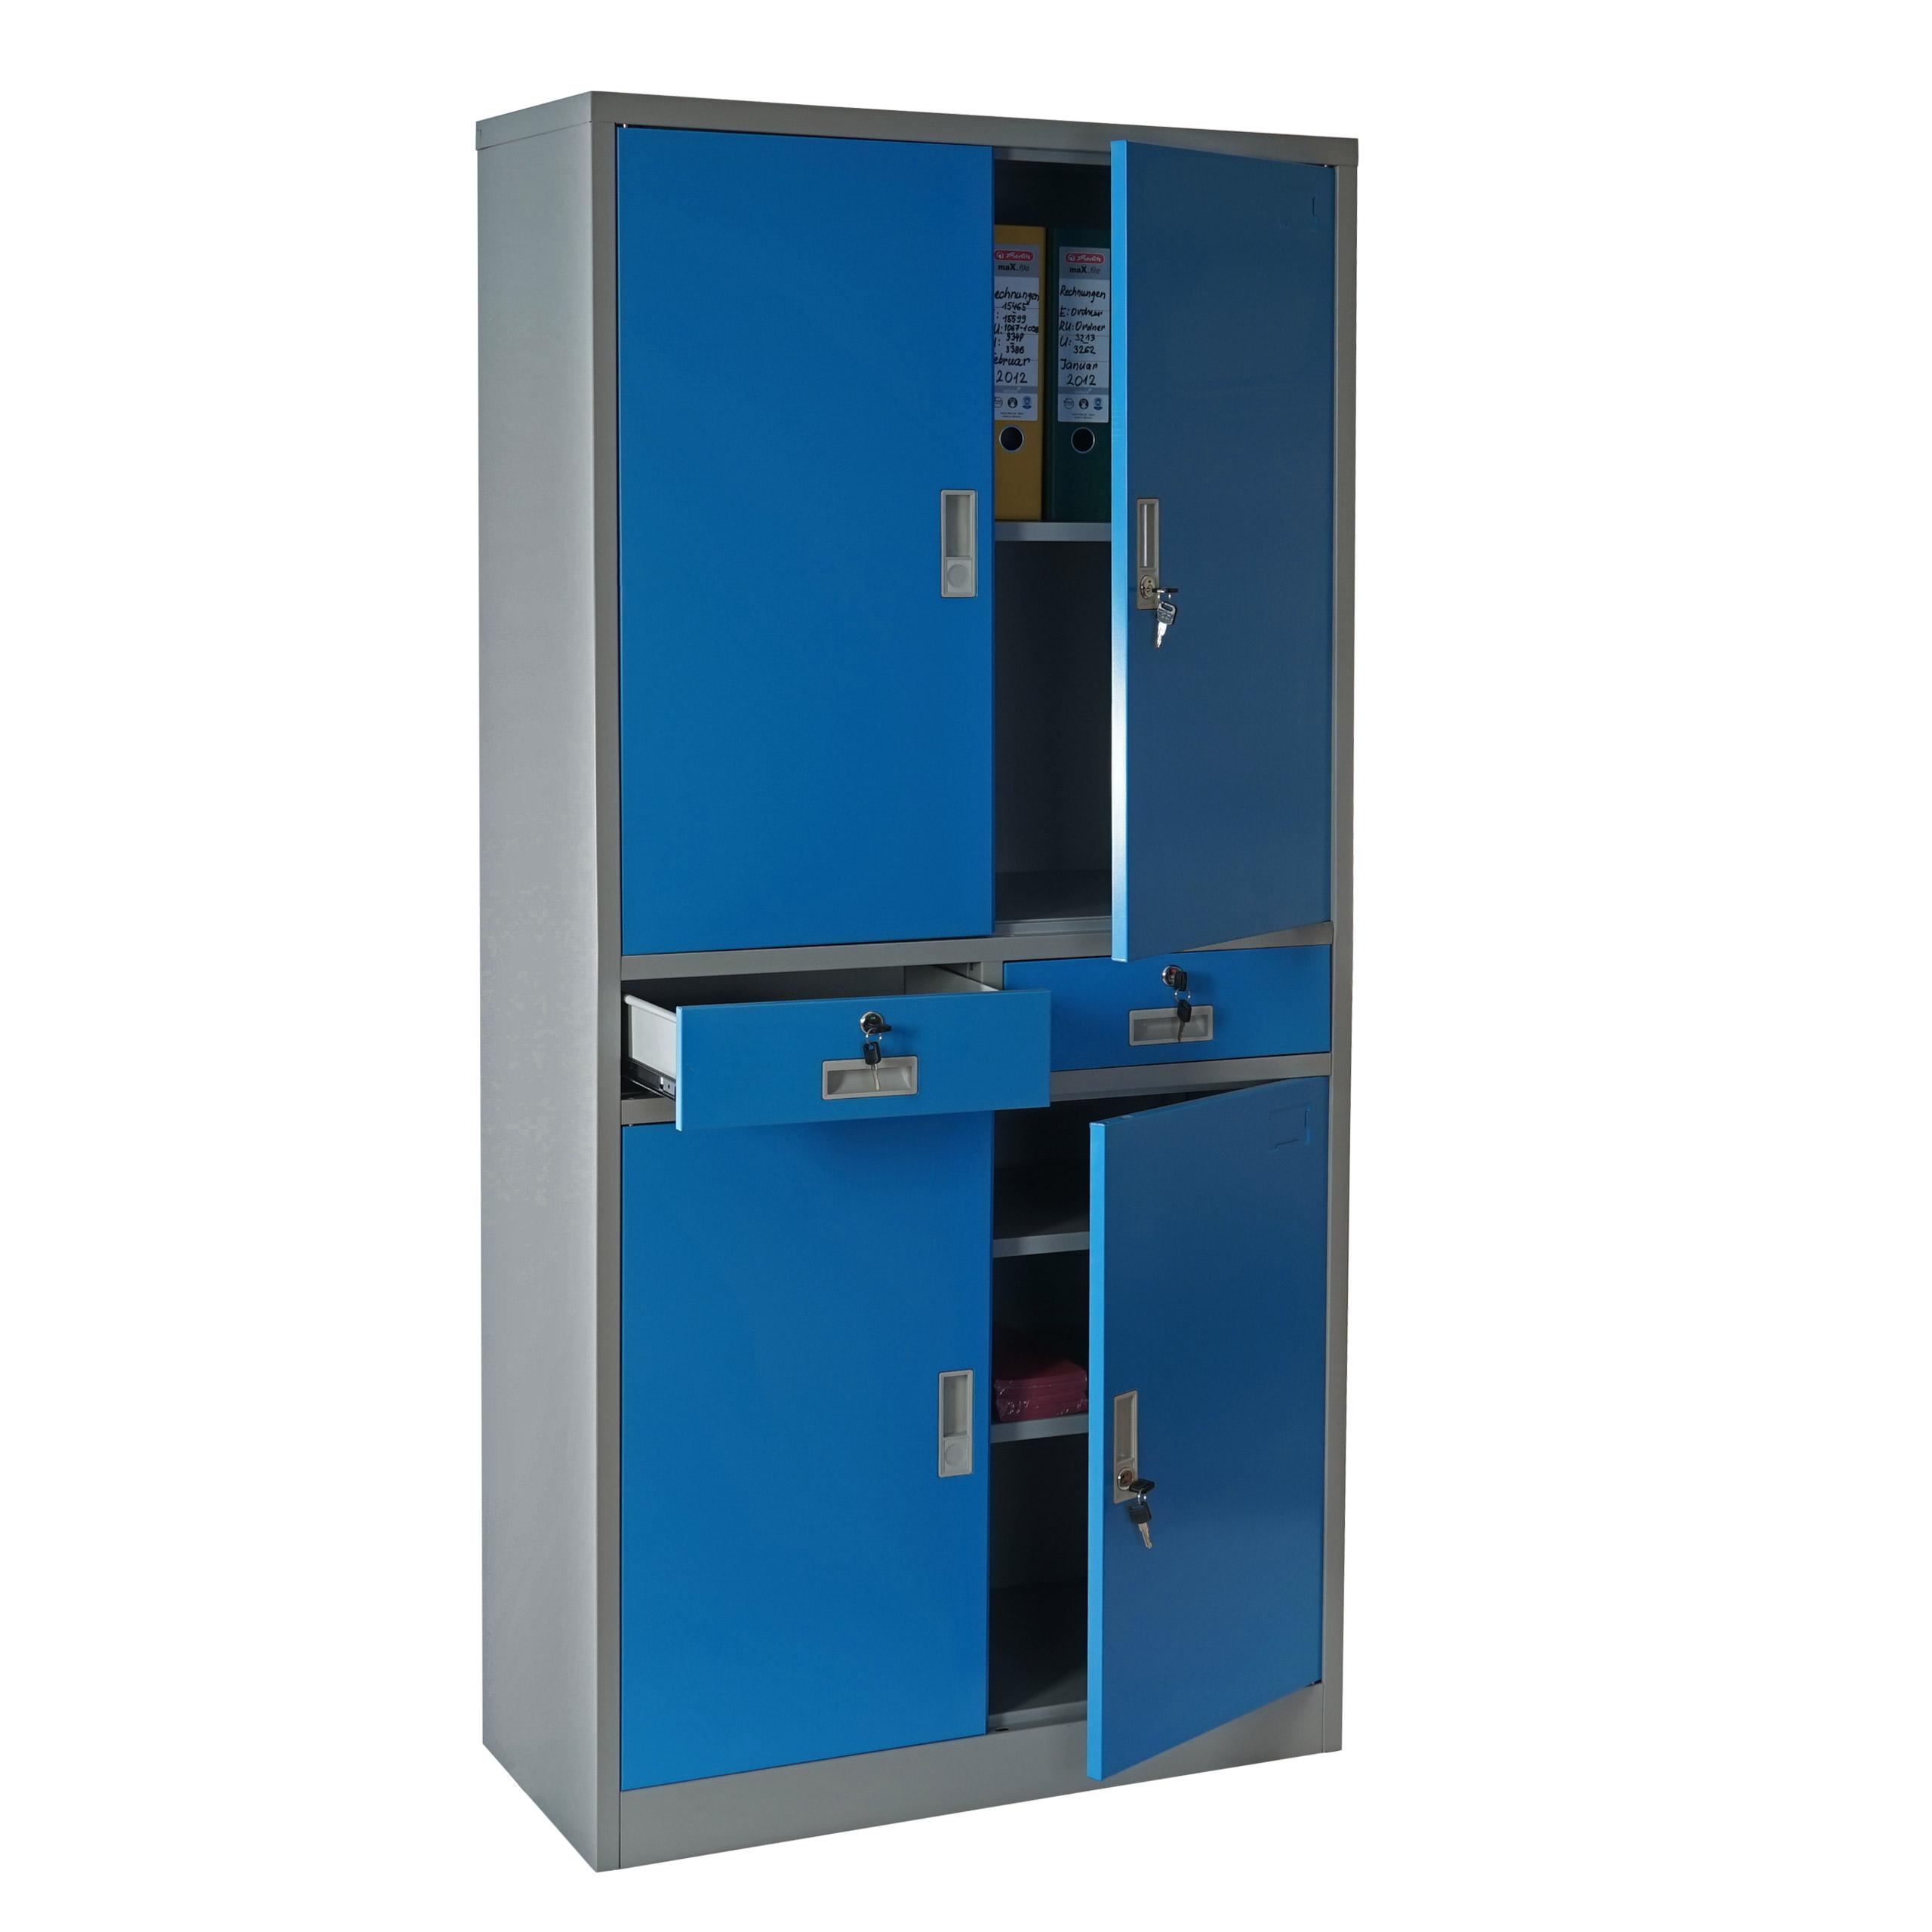 Büroschrank weiß schubladen  Boston T132, Metallschrank Büroschrank, 51kg 4 Türen 2 Schubladen ...